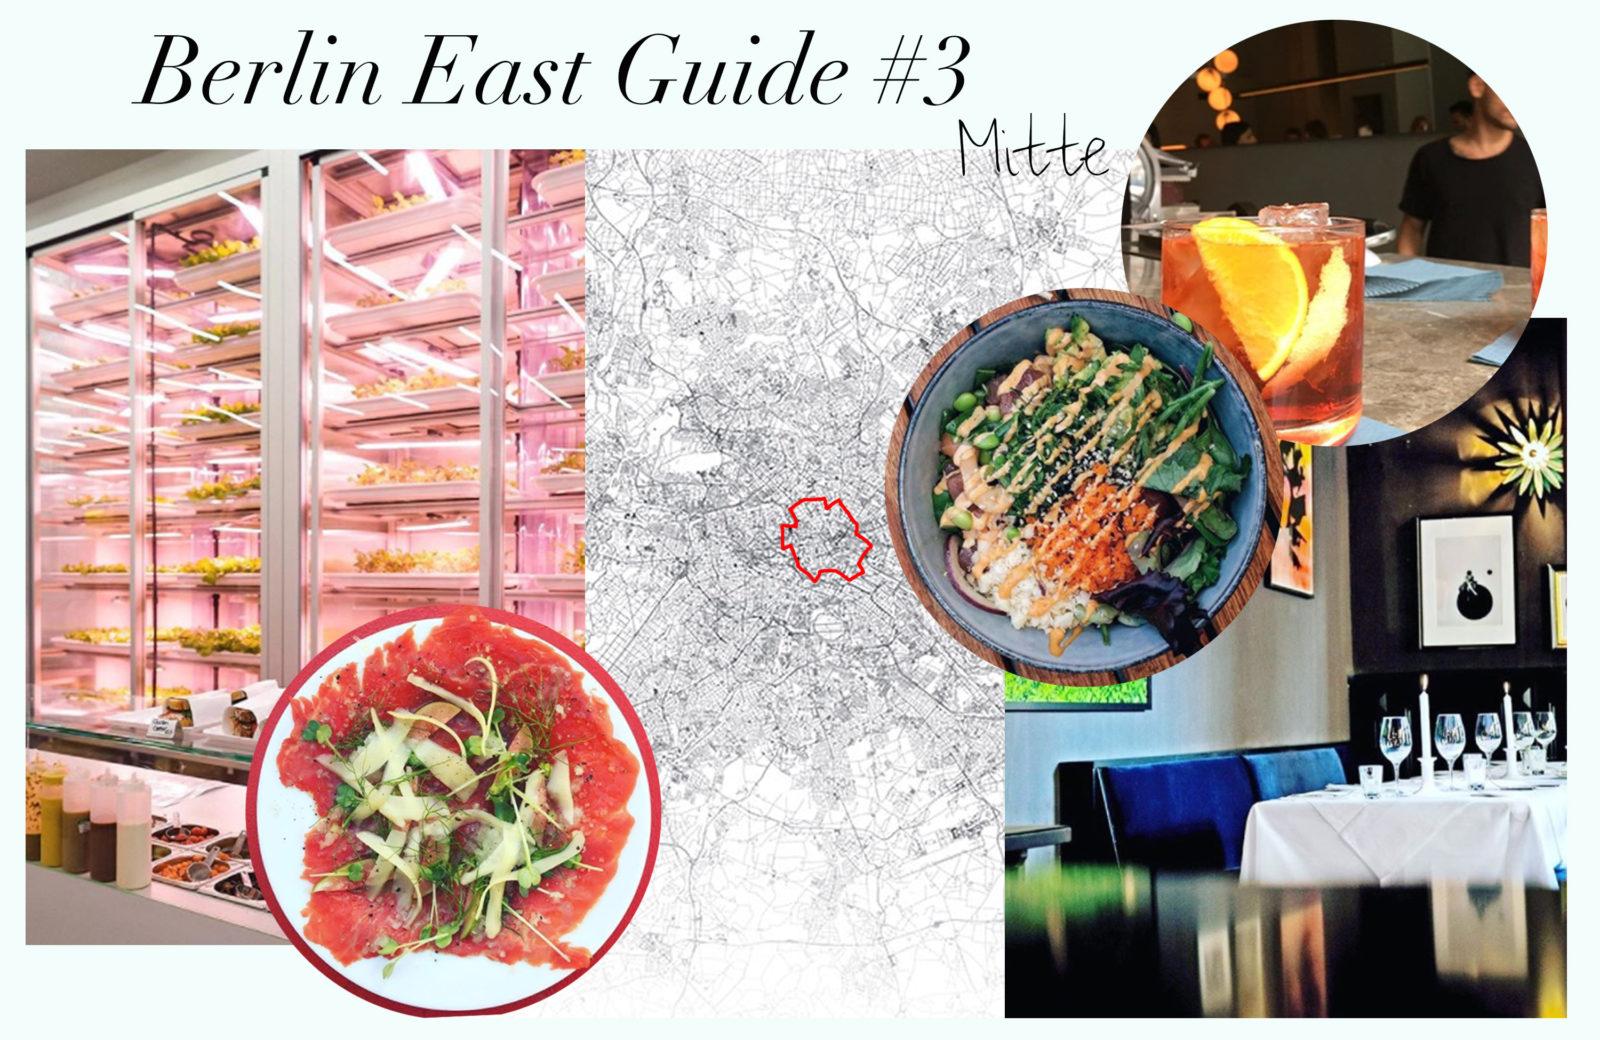 Berlin East Guide #3 – Die 10 besten Food-Spots in Mitte